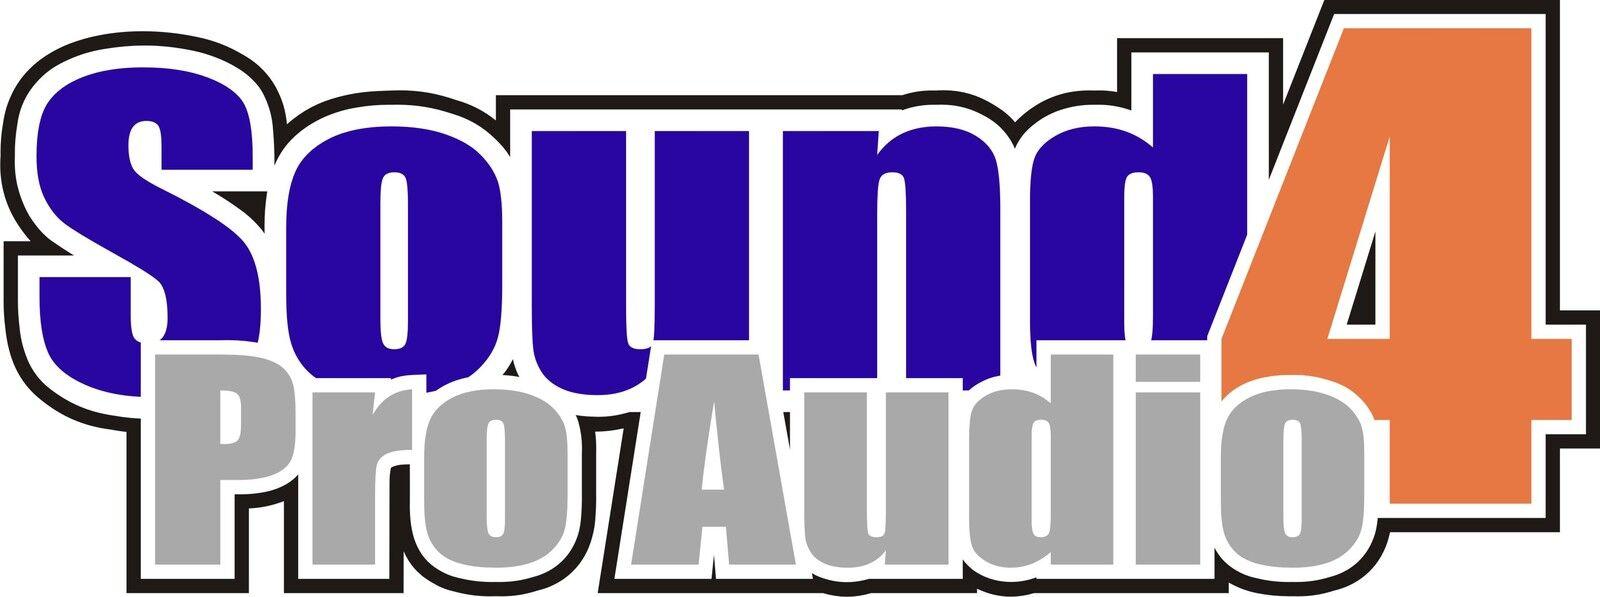 Sound 4 Pro Audio